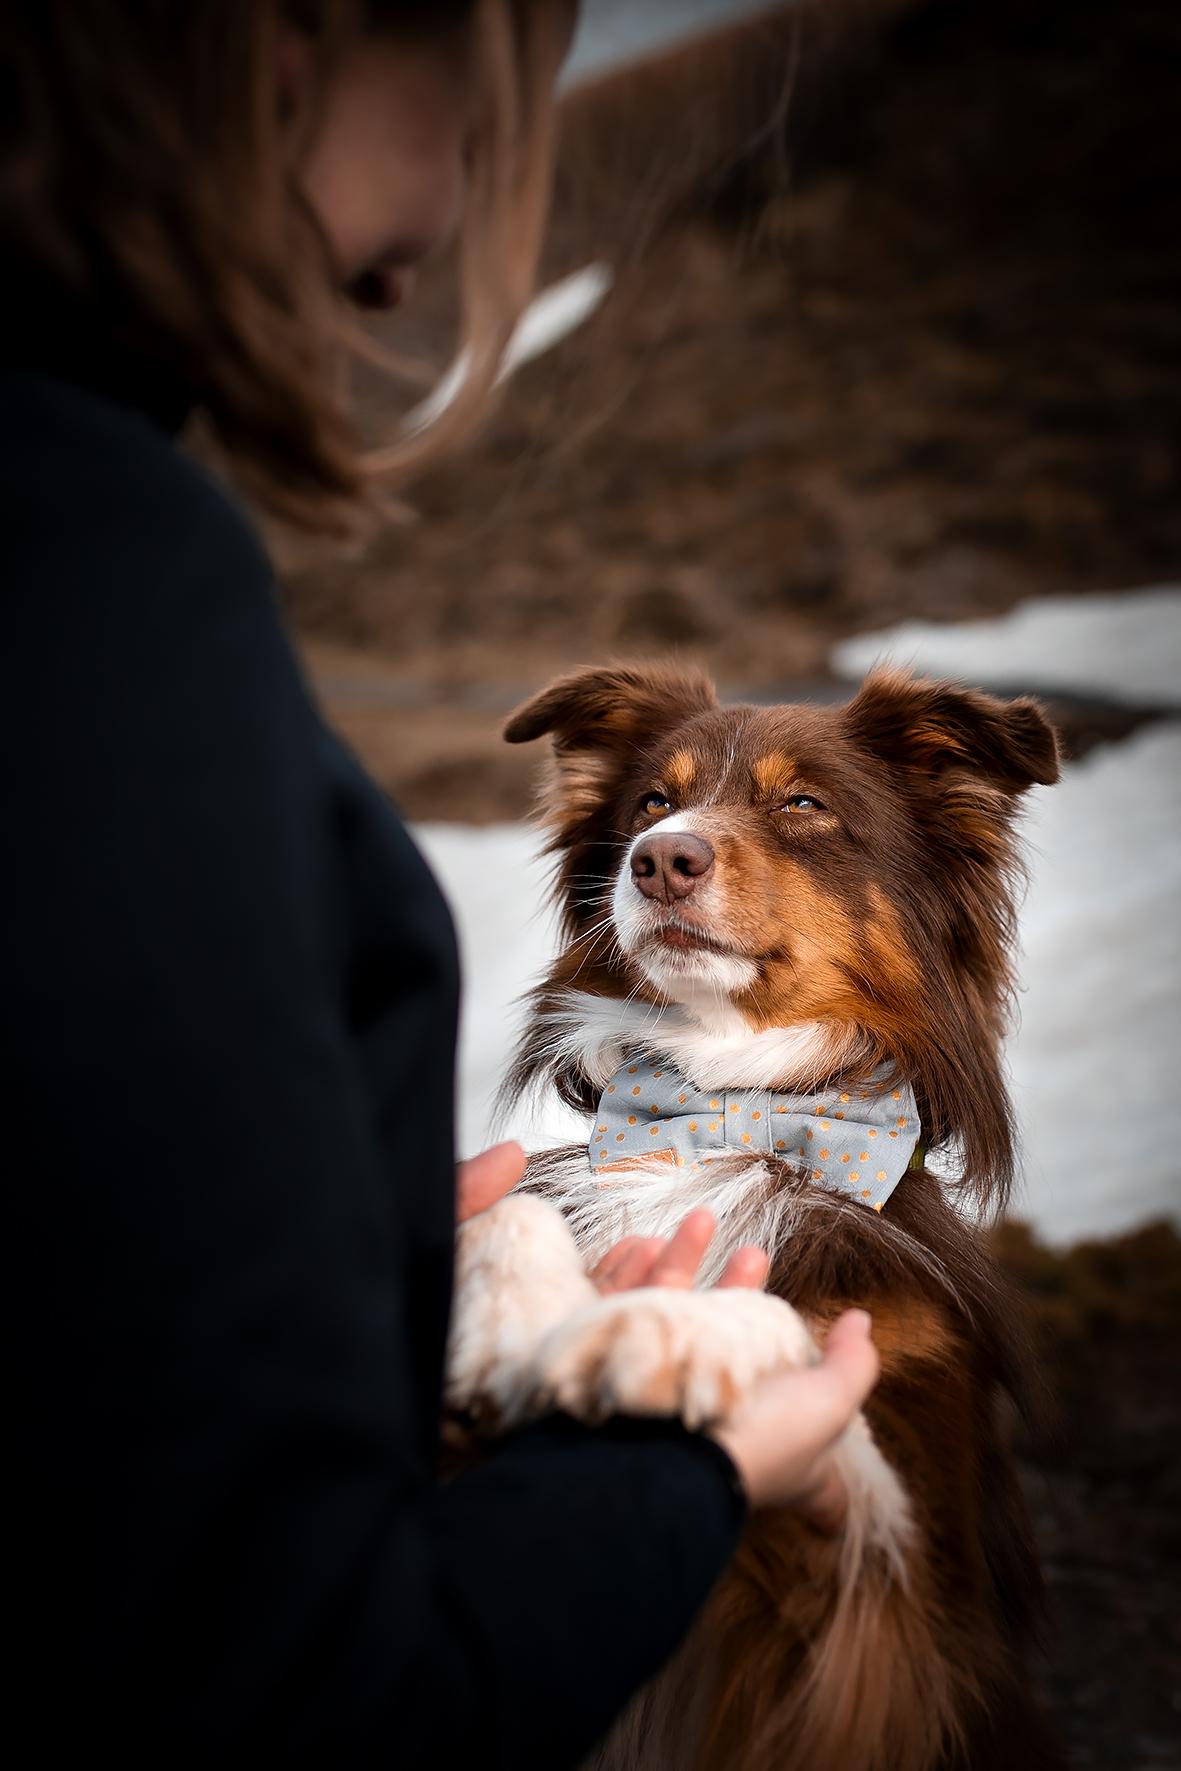 Der Red tricolor Australian Shepherd trägt eine Fliege für Hunde aus blauem Stoff mit goldenen Punkten anlässlich der Hochzeit von Frauchen in den Alpen.